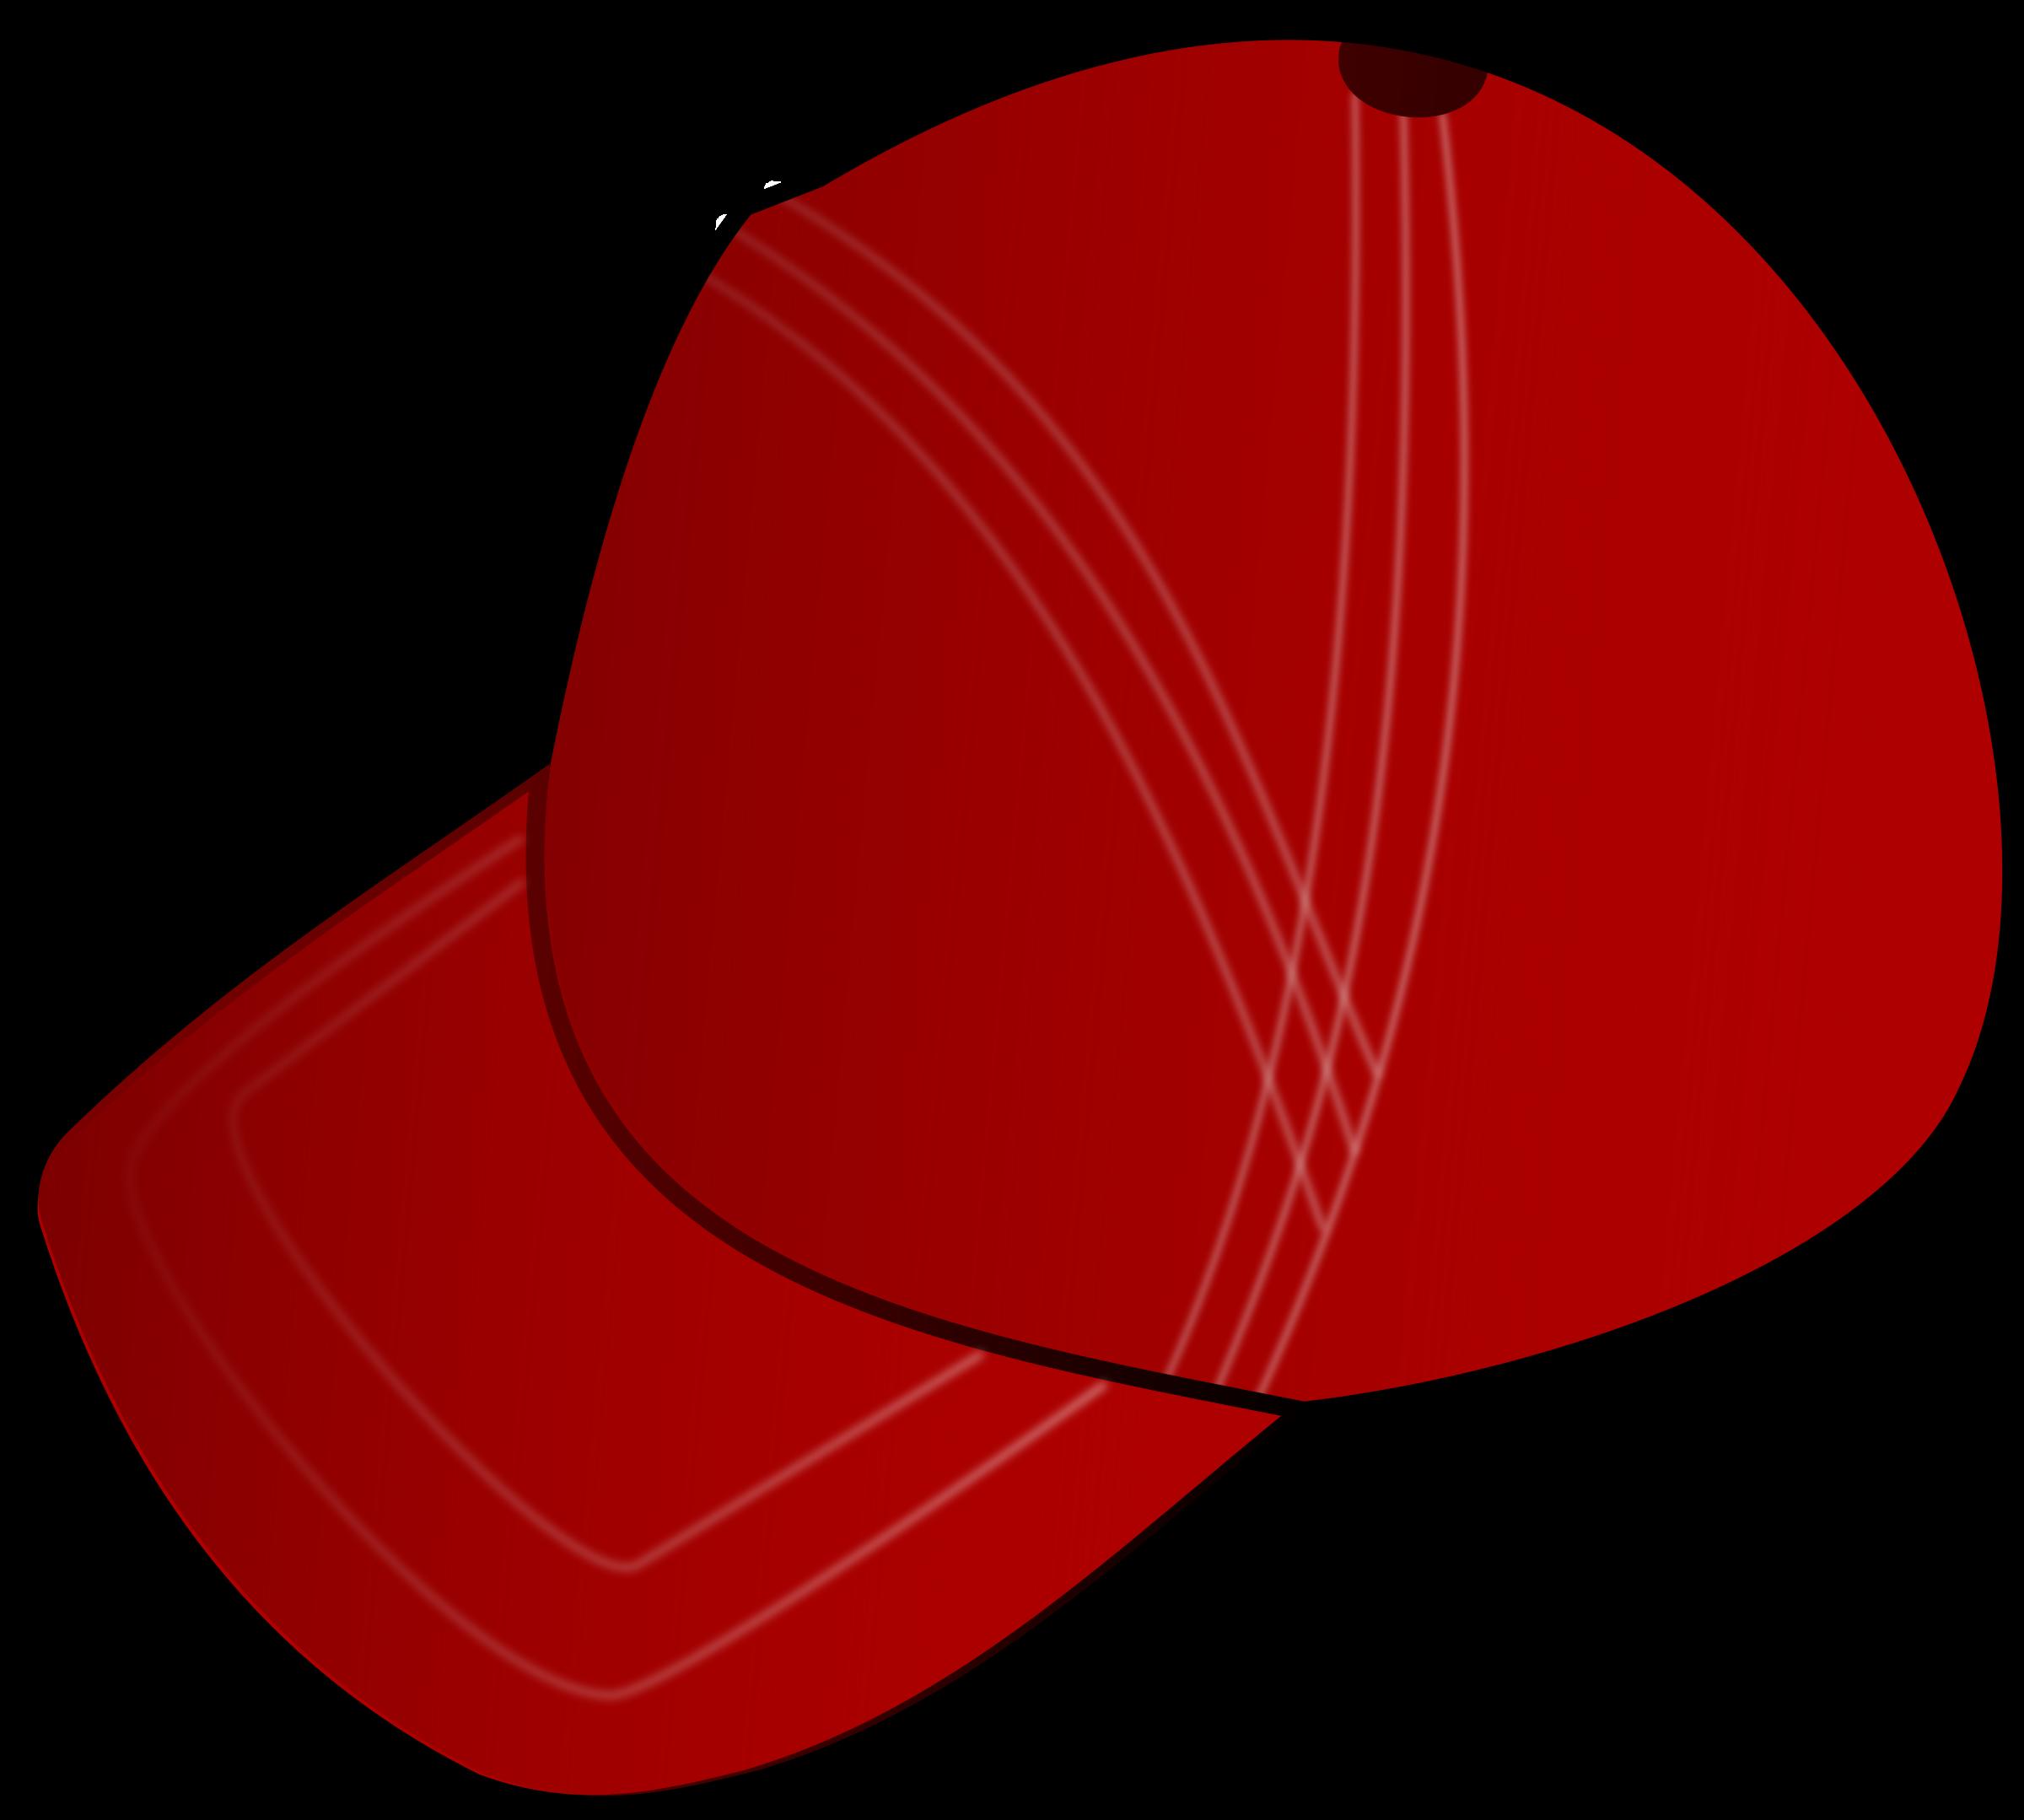 Red cap big image. Clipart rat hat clipart